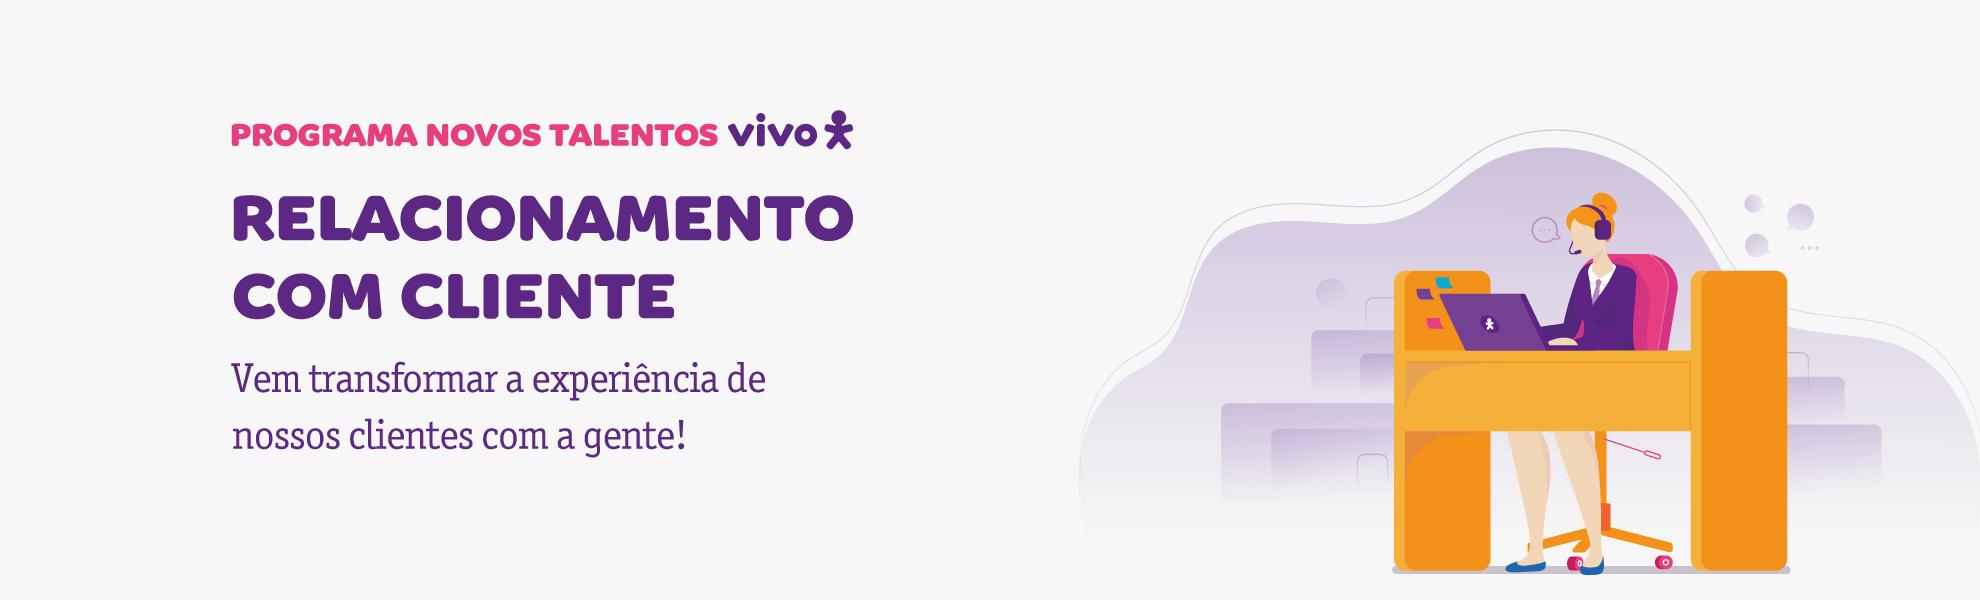 Analista de Relacionamento com Cliente - Home Office  - Base Rio de Janeiro